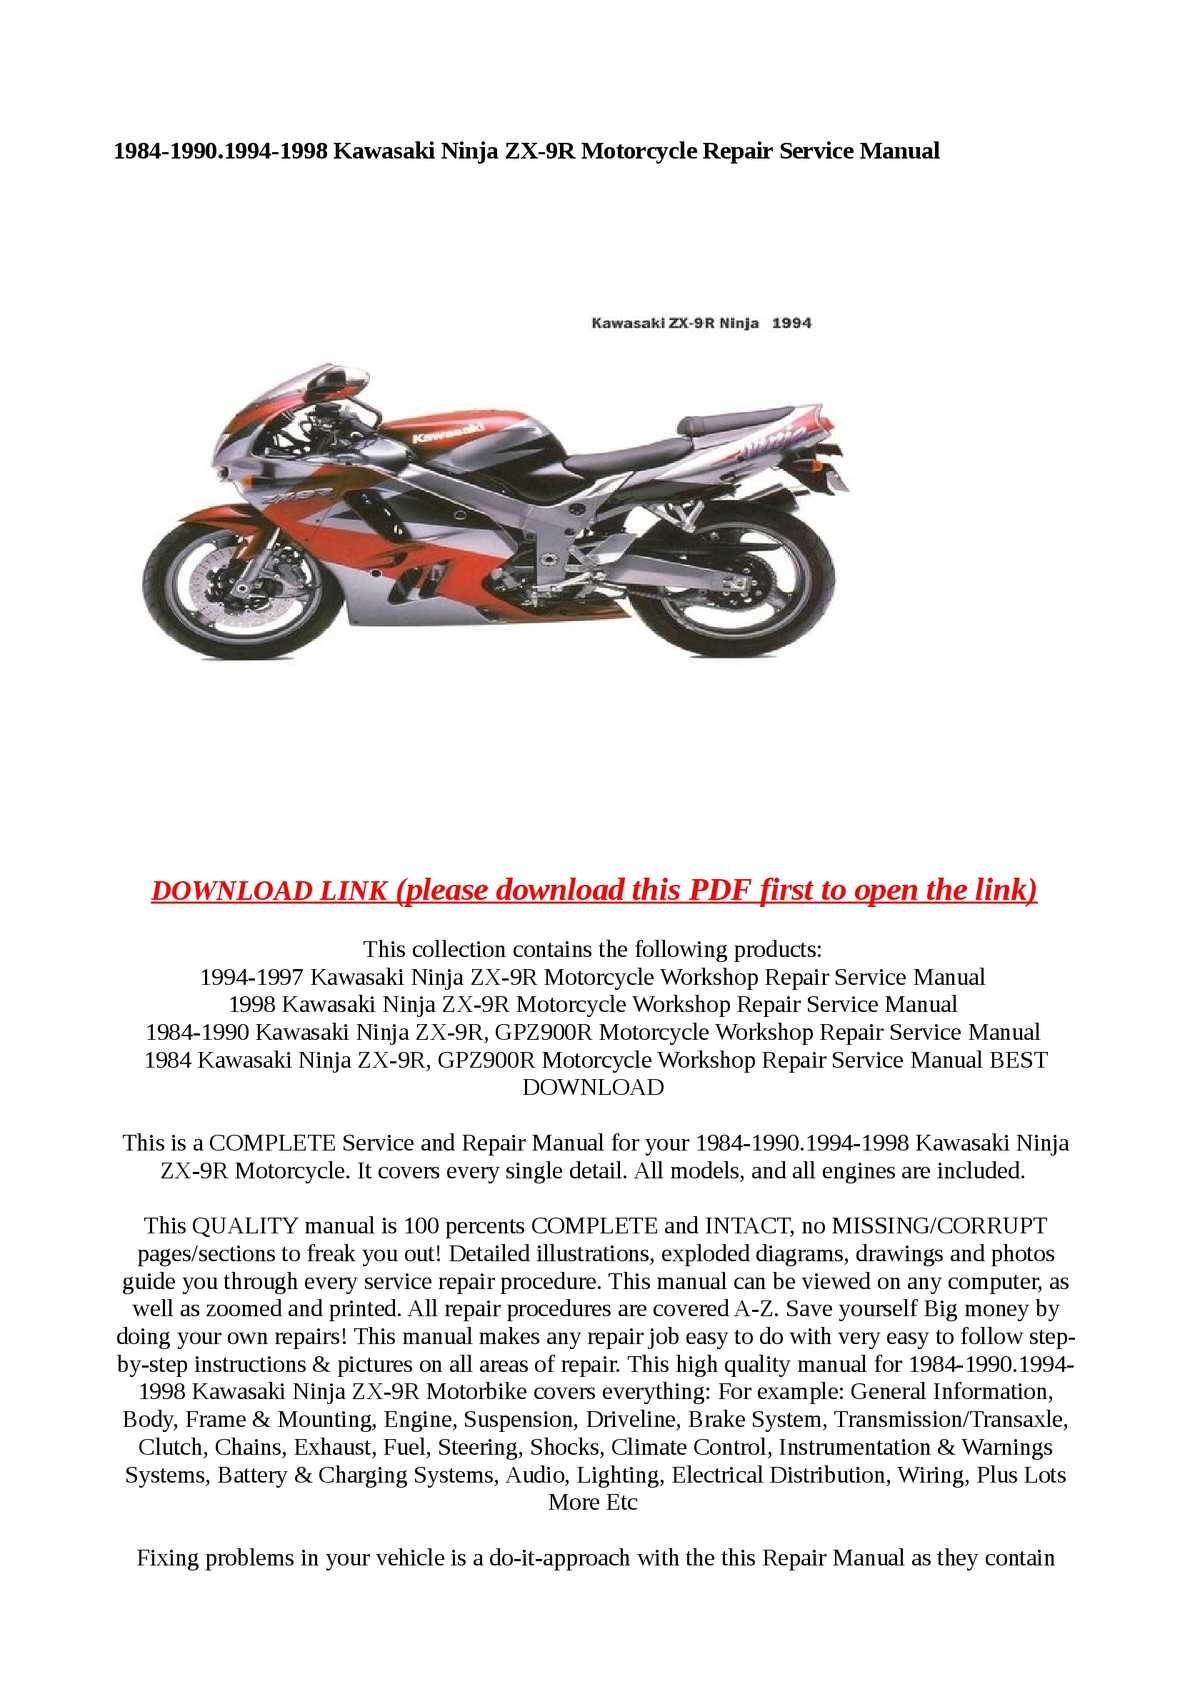 Calaméo - 1984-1990.1994-1998 Kawasaki Ninja ZX-9R Motorcycle Repair  Service Manual